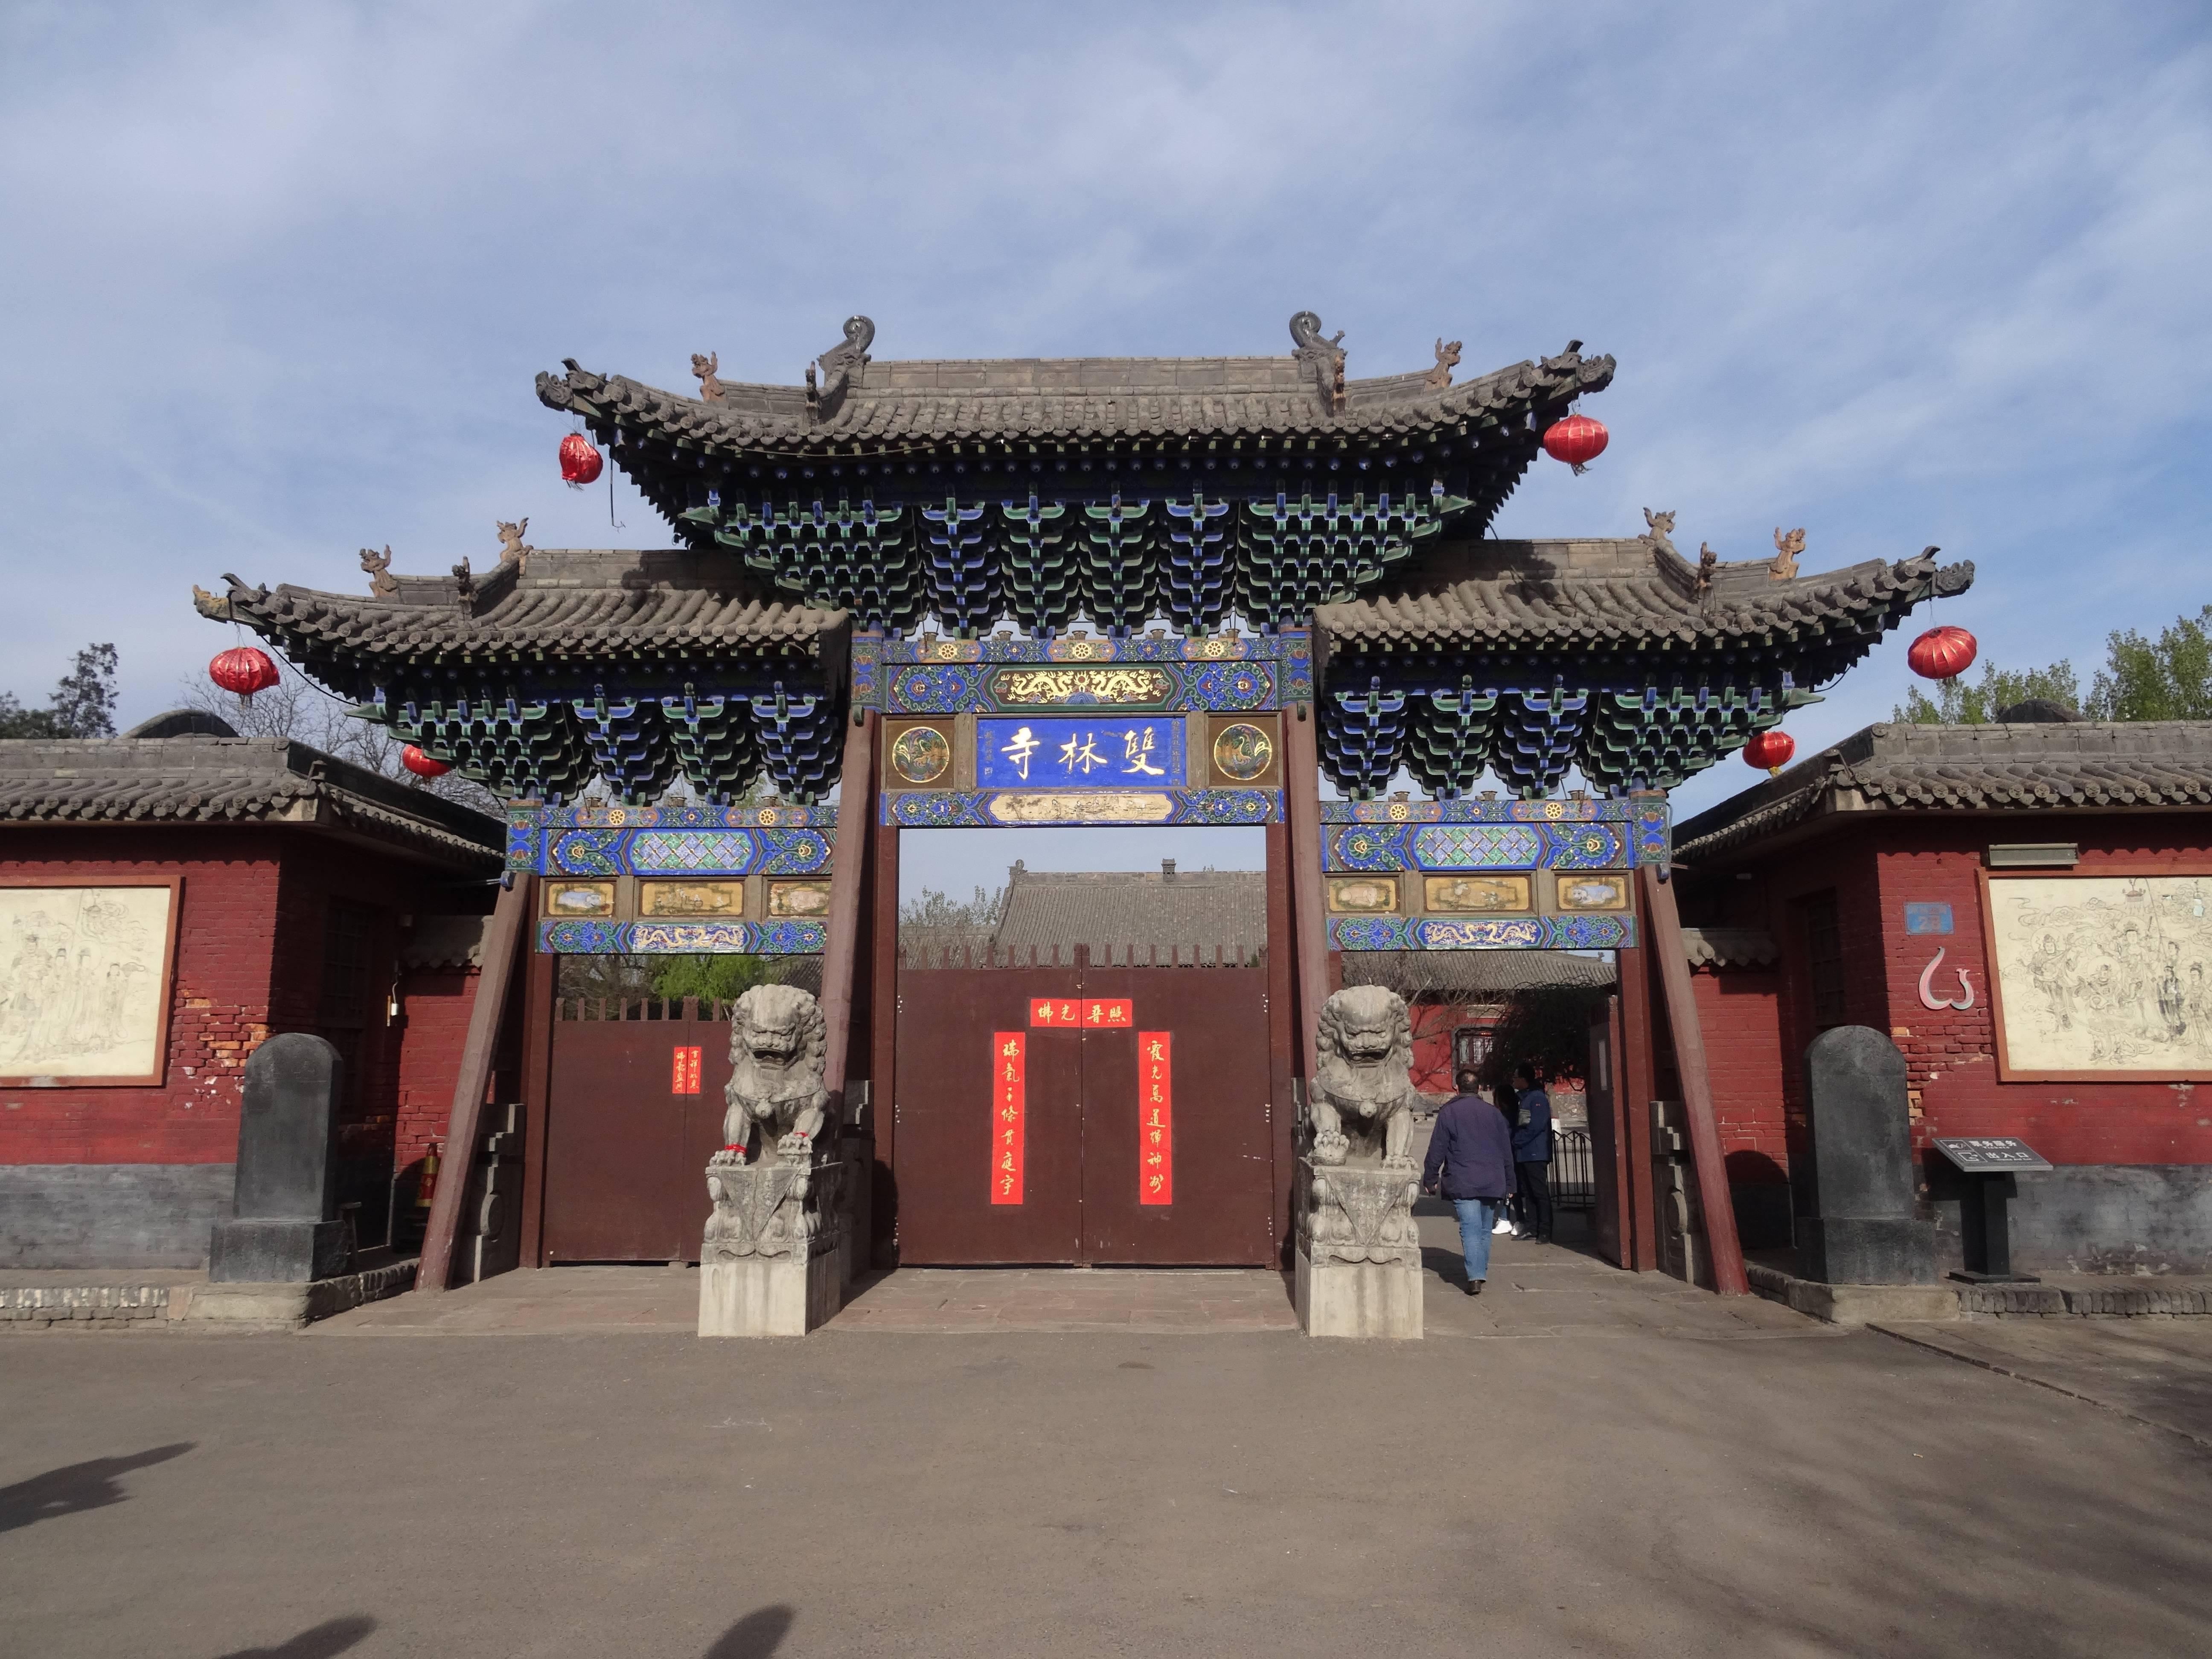 Photo 1: Temple Shuanglin à Pingyao, Chine. Enfin un endroit rempli de quiétude.....